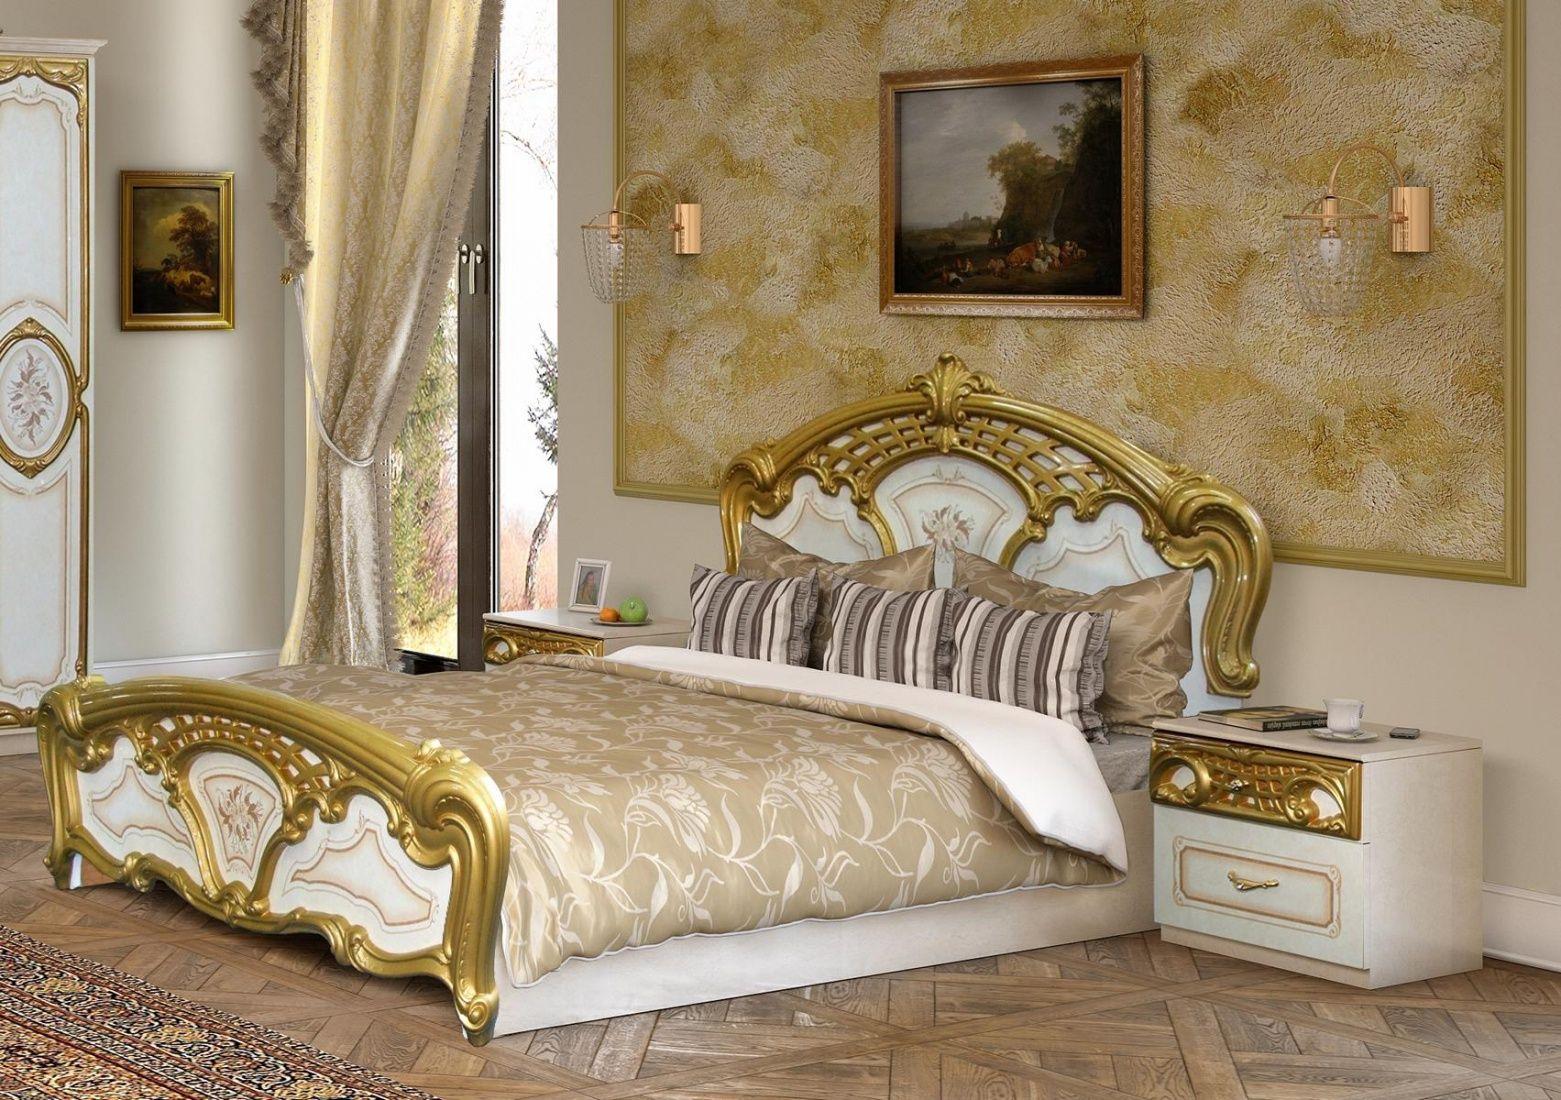 Schlafzimmer coretta ~ Schlafzimmerbett gold m das bett gehört zur